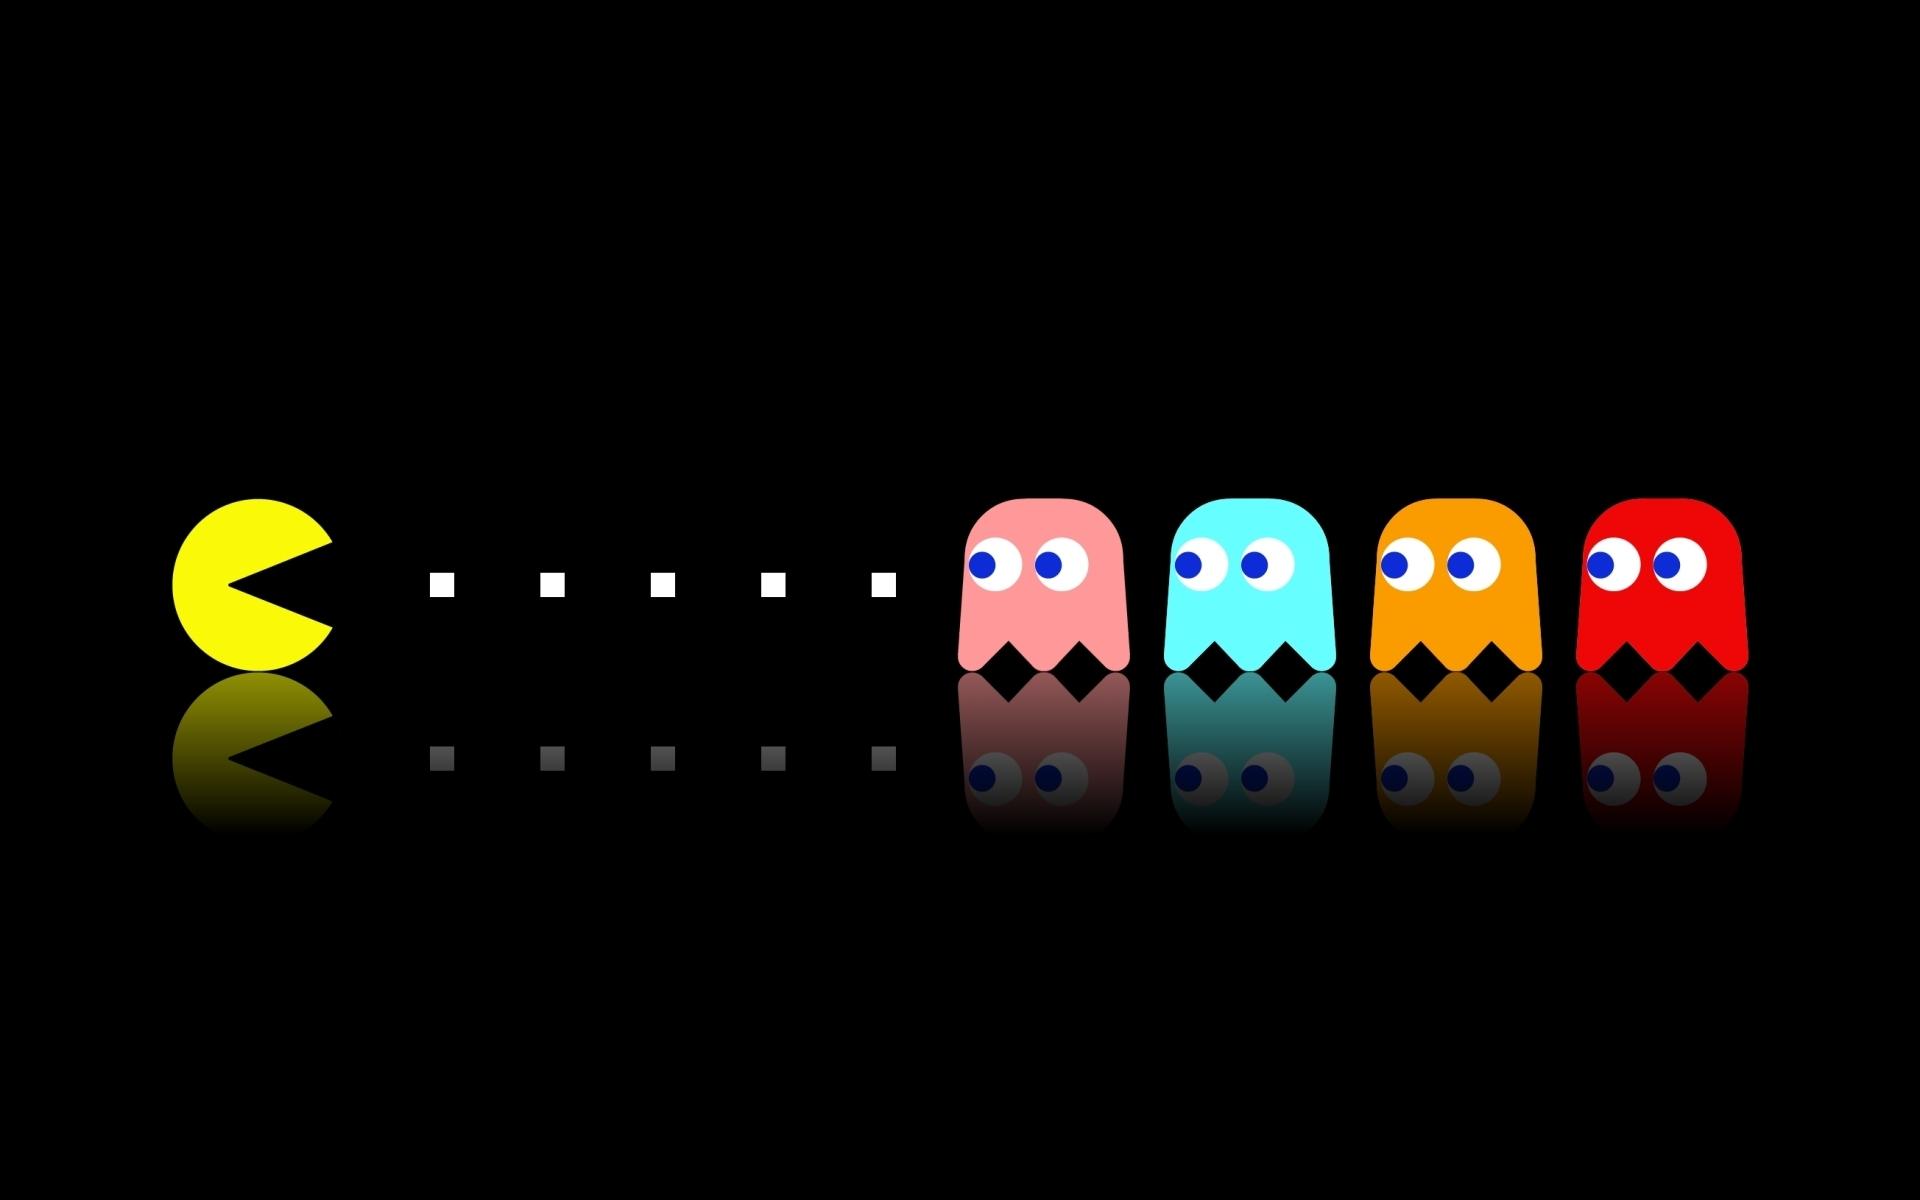 Pacman - 1920x1200